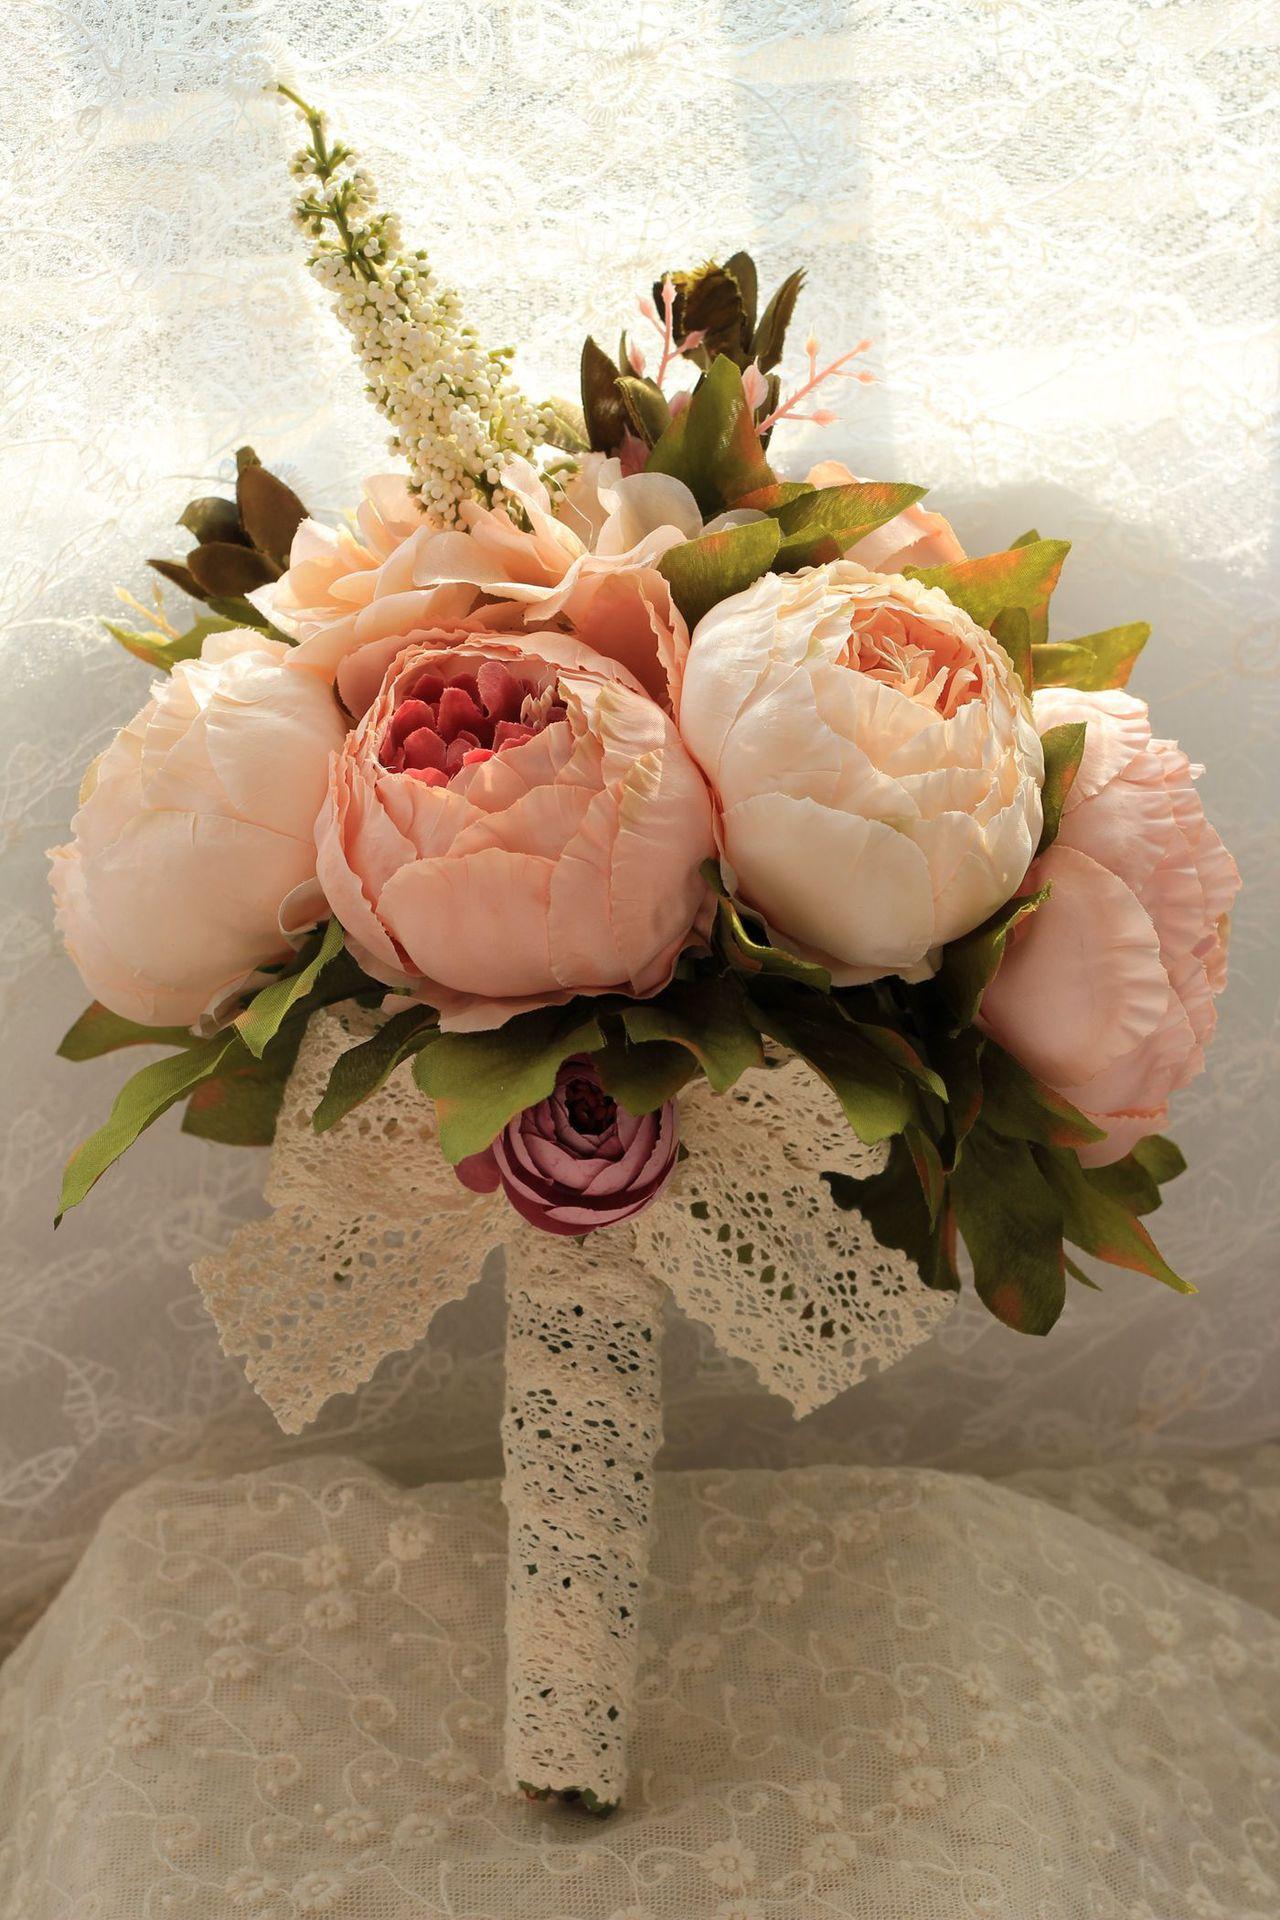 Ramo de la boda ramo rosa de flores de la boda ramo de novia artificial accesorios para dama de honor flor